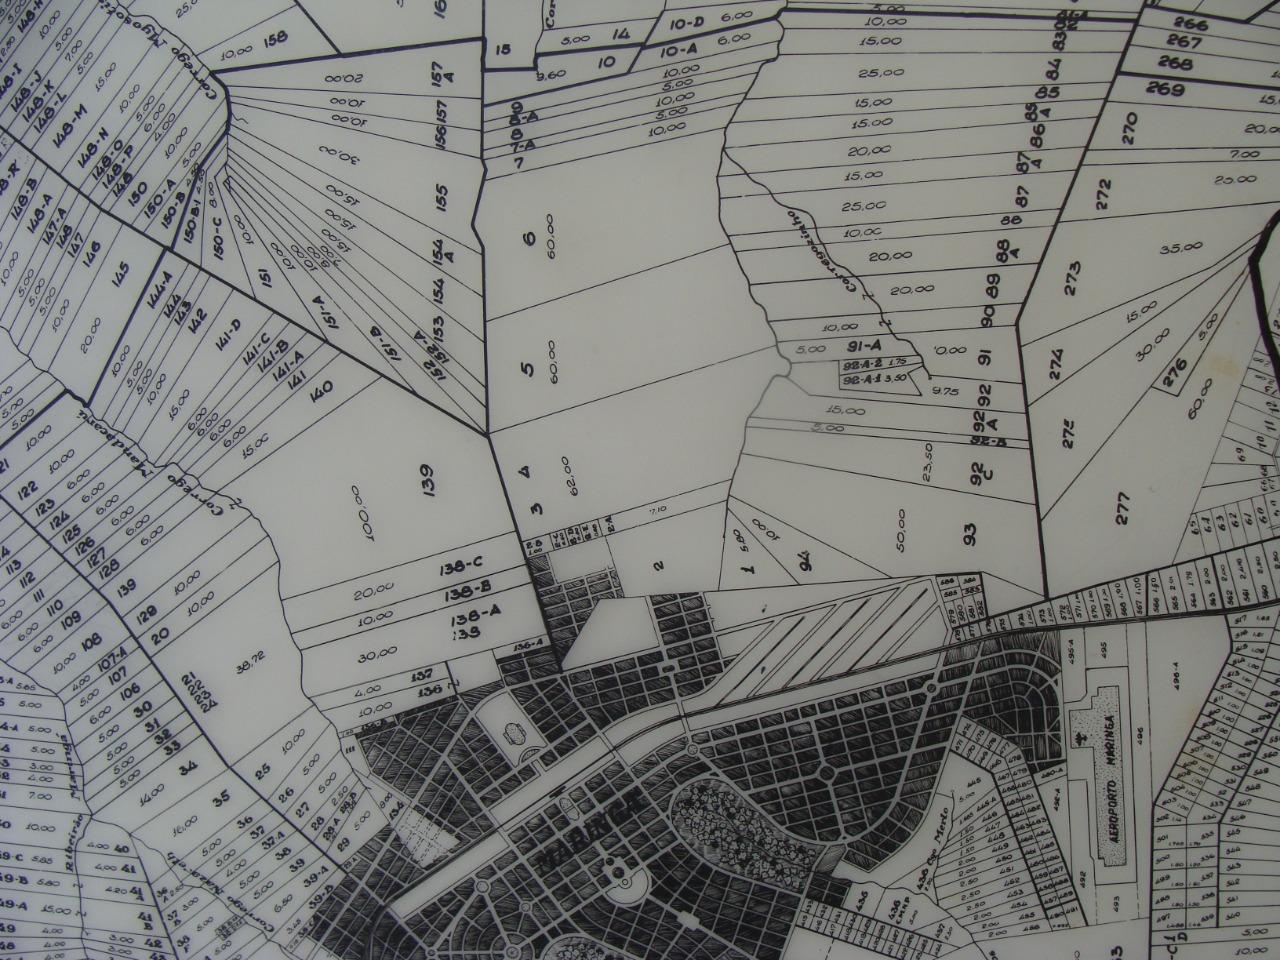 Mapa além do perímetro urbano - Década de 1950